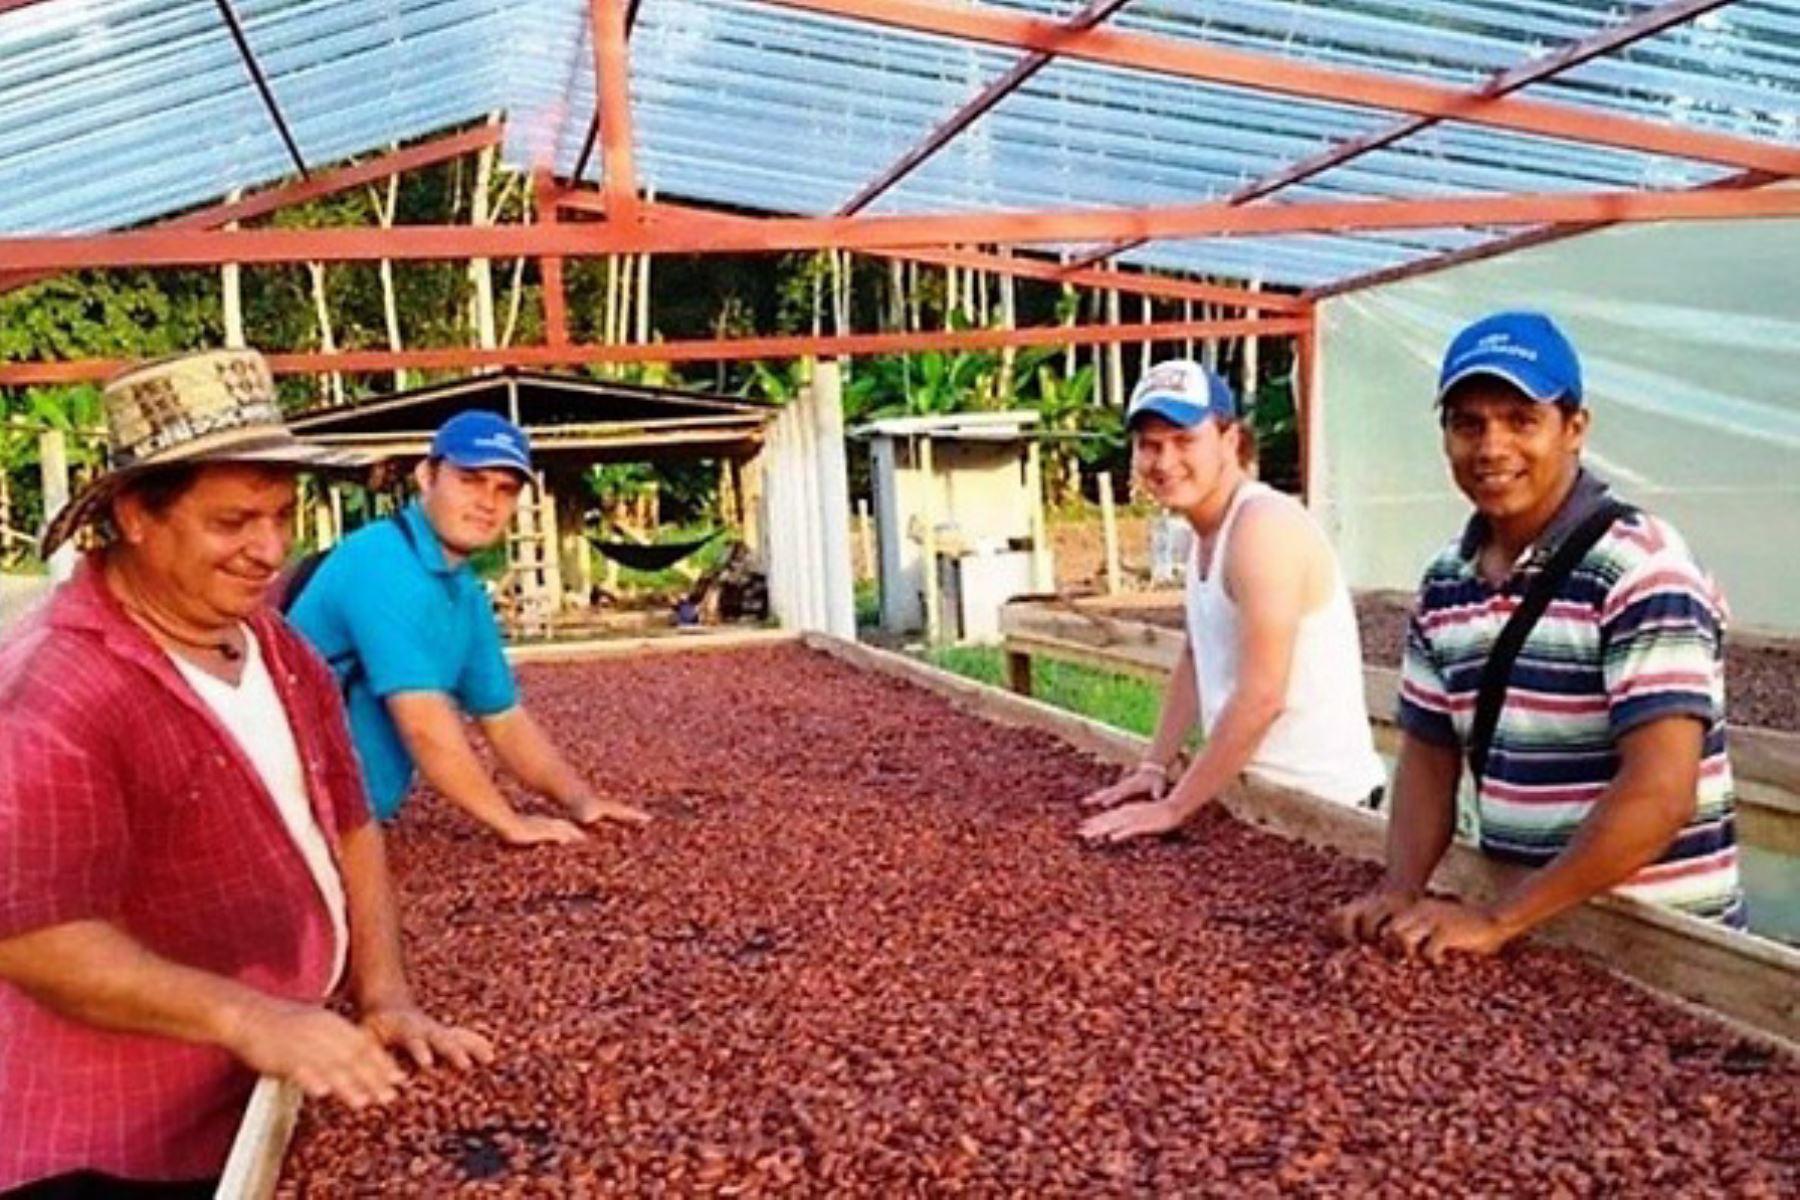 San Martín apuesta por el cacao e impulsa plan que generará S/ 88 millones de ingresos en próximos 3 años. ANDINA/Difusión